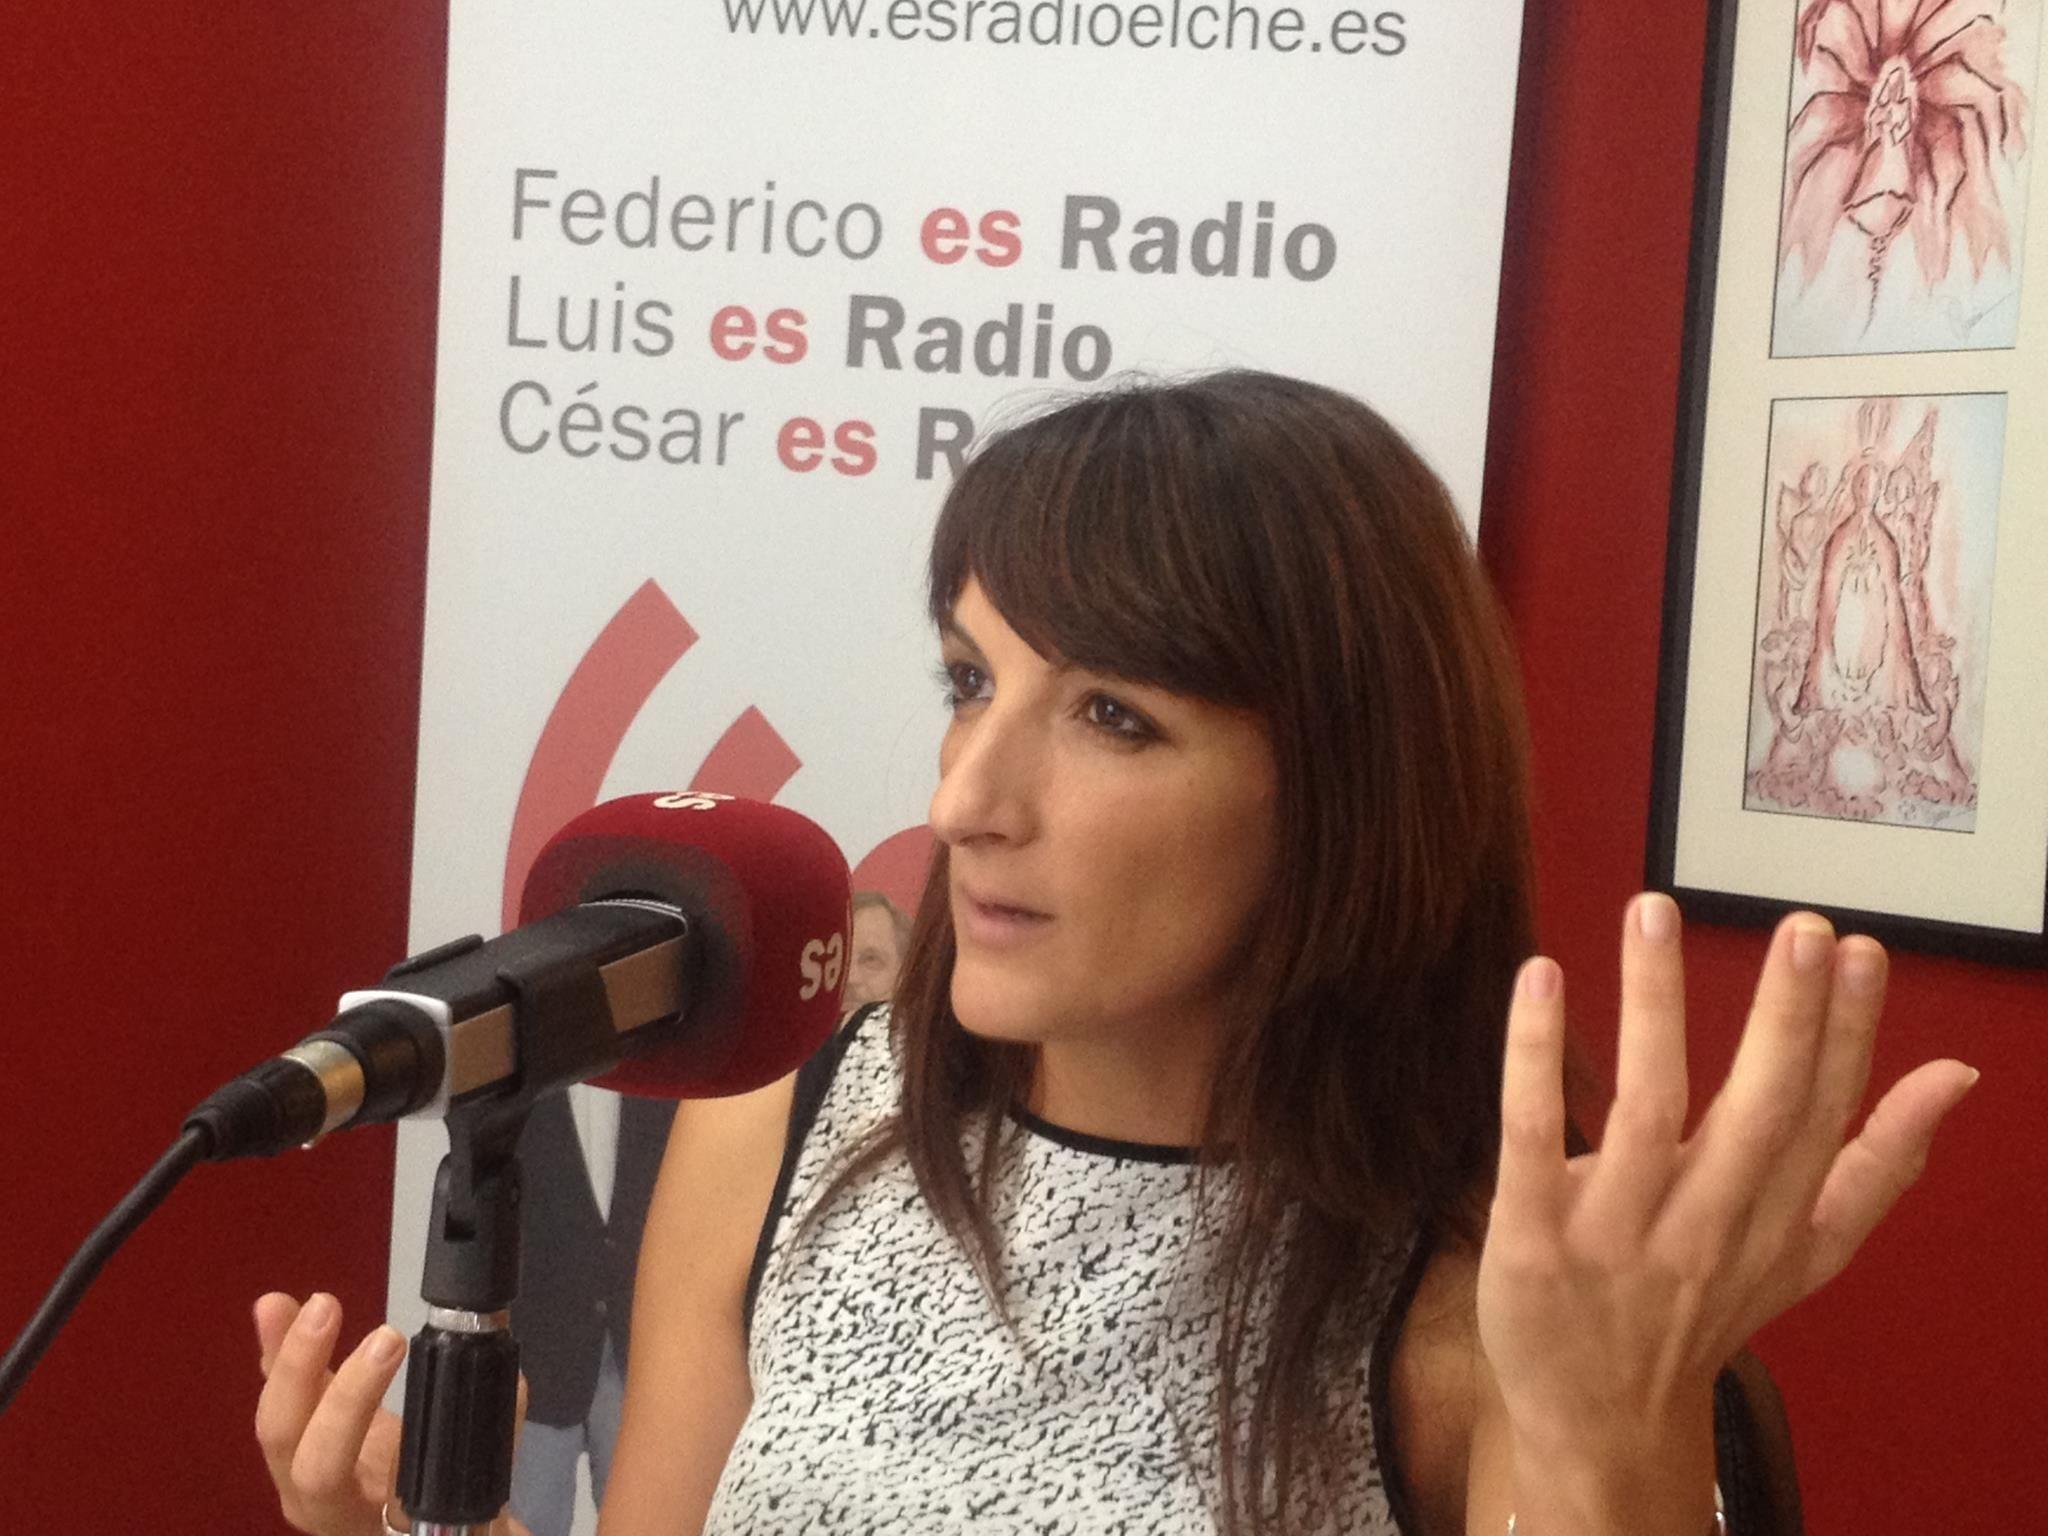 Fotografia La psicóloga Yolanda Pérez, directora del centro de